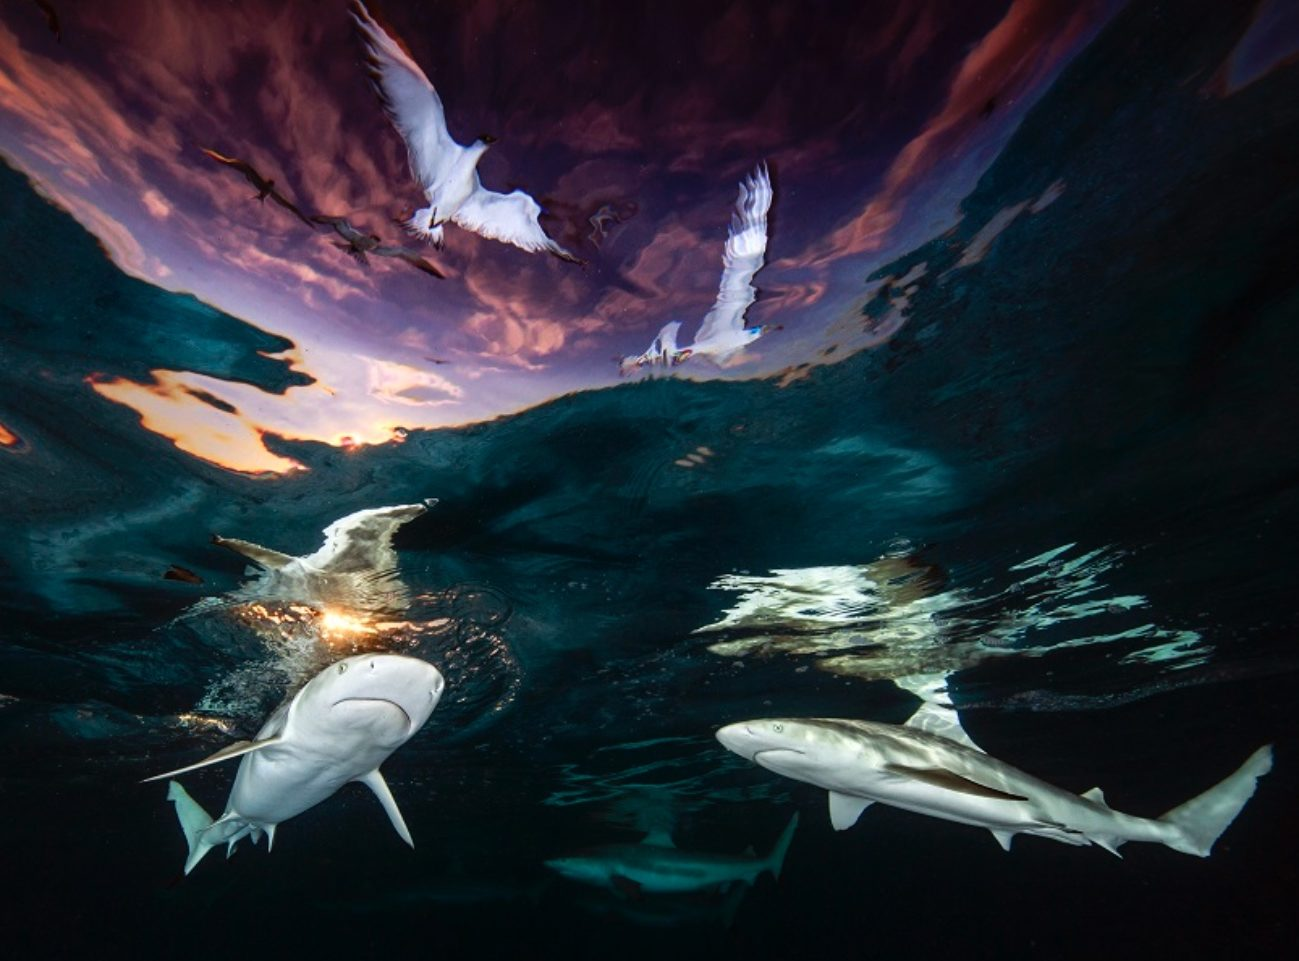 La photo avec laquelle Renee Capozzola a remporté le concours des plus belles photos sous-marines 2021